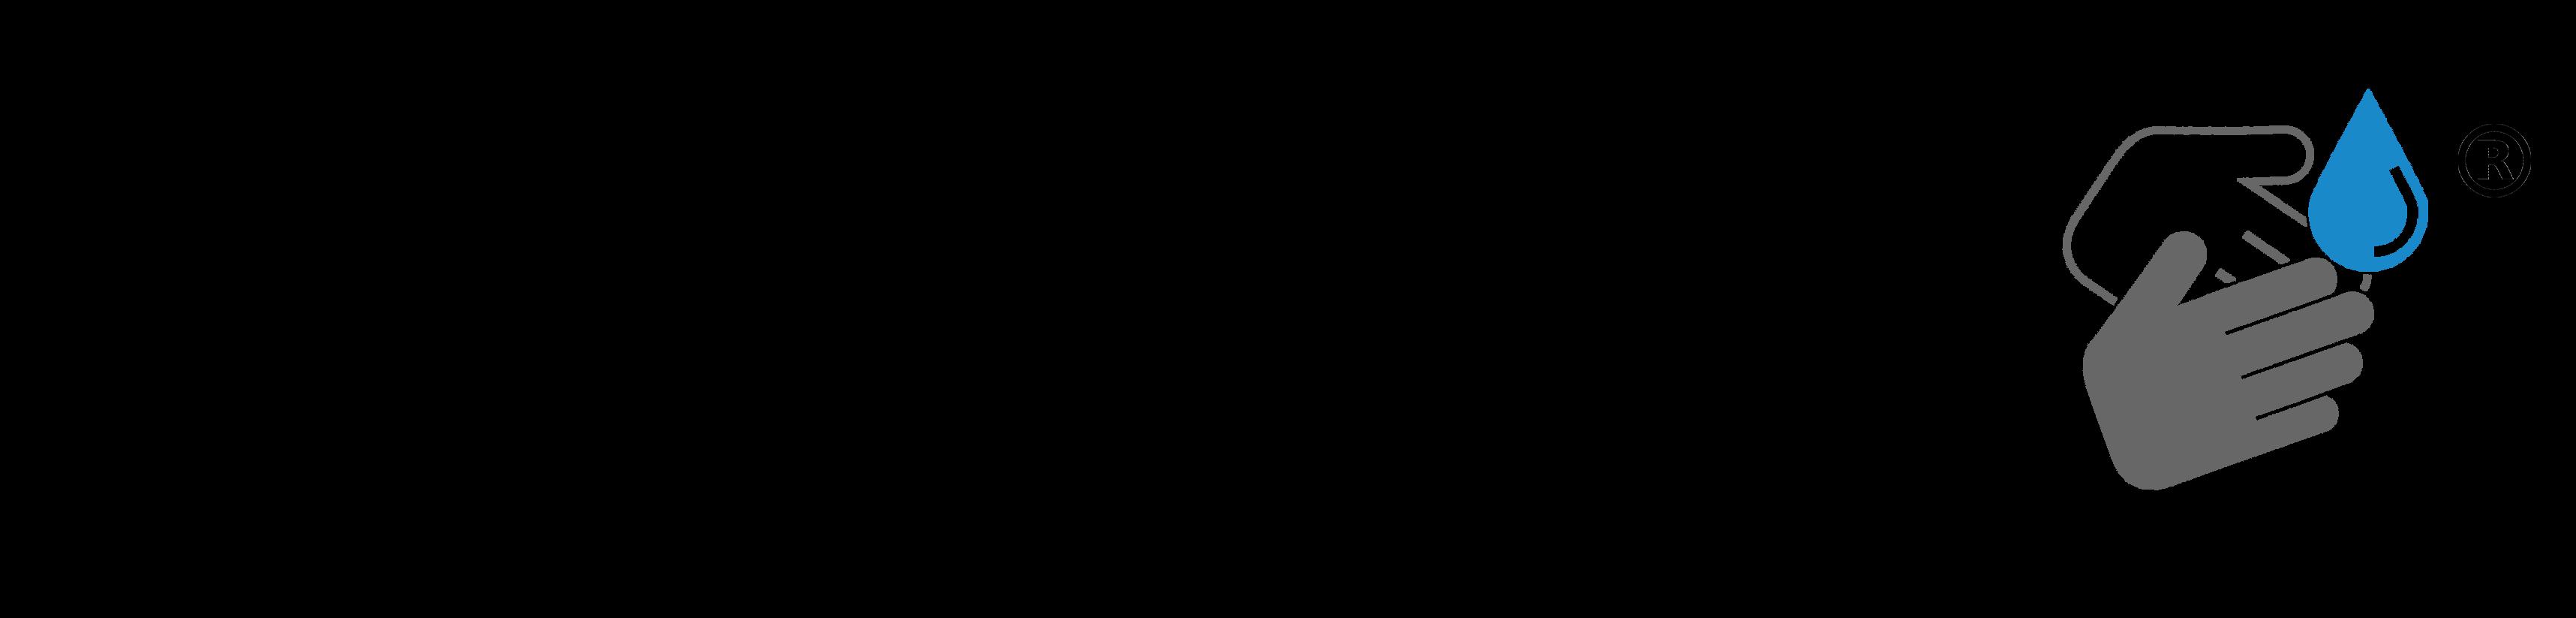 Deutsche Gesellschaft für Hygieneberatung